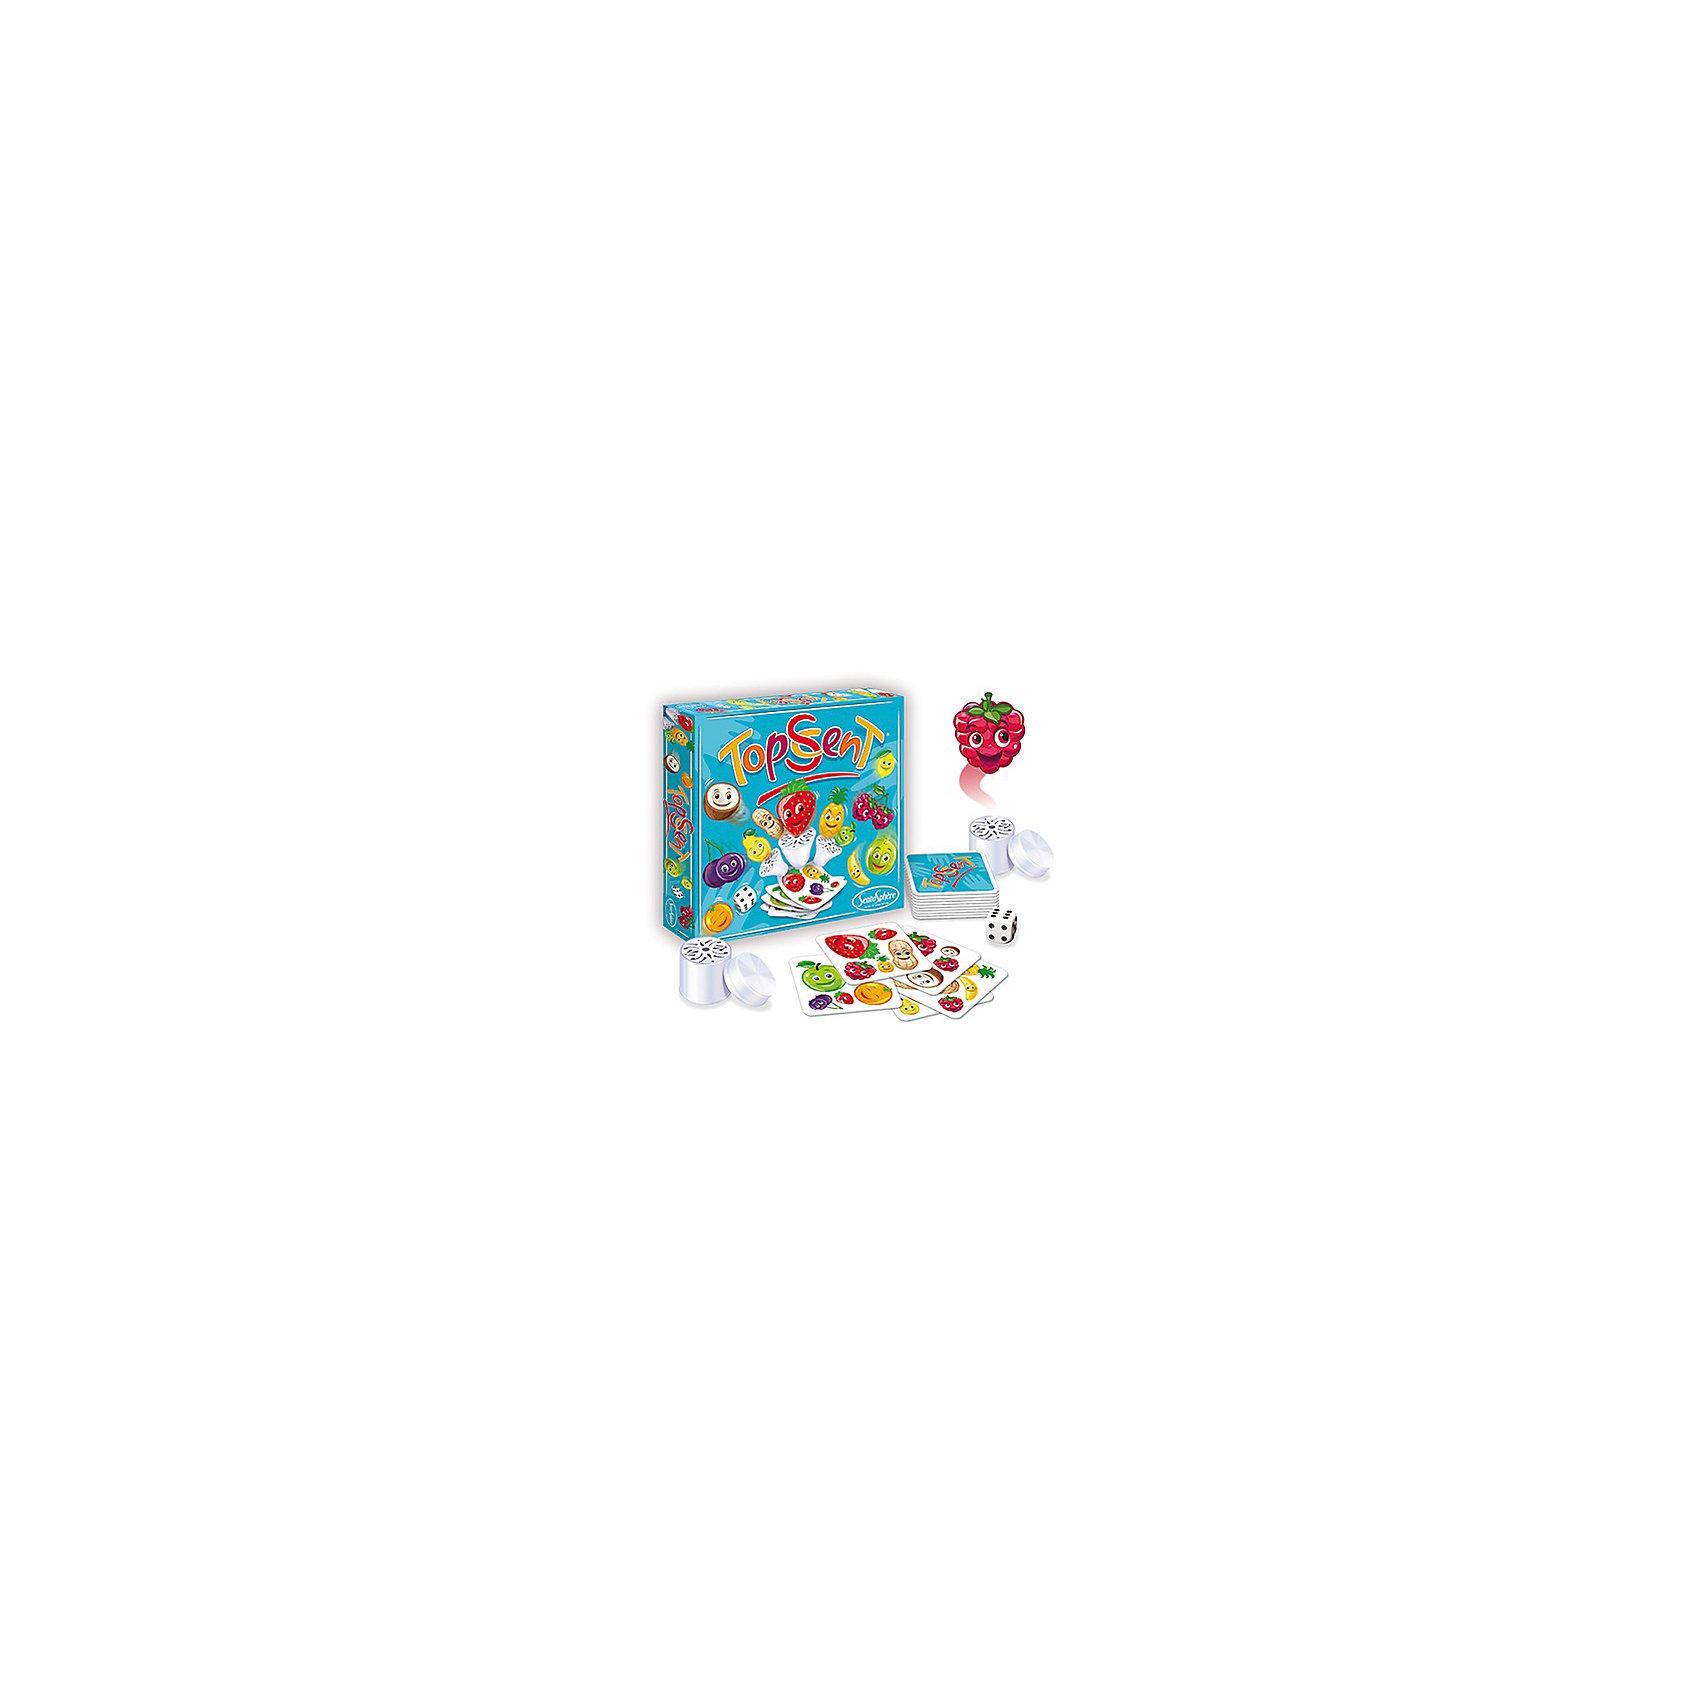 Настольная игра запахов ФруктерияНастольная игра запахов Фруктерия – это развивающая настольная игра с восхитительными ароматами фруктов и ягод.<br>Необычная настольная игра Фруктерия – это лото с ароматами фруктов и ягод. Она подарит всей семье много интересных и занимательных вечеров. В комплекте 12 баночек с различными ароматами, 96 карточек с изображениями соответствующих фруктов и ягод, а также игральный кубик. Цель игры: набрать наибольшее количество карточек, угадав запахи. В начале игры все карточки делятся поровну между игроками и расставляются баночки с запахом, так чтобы не было видно их названия. Затем бросается кубик и выбирается одна баночка, которую все игроки нюхают по очереди, чтобы угадать запах, но, нельзя произносить его вслух. Как только игроки определили запах, нужно начинать выкладывать карточки на середину поля. На карточках нарисованы фрукты или ягоды, изображение каждого из них повторяется несколько раз. Игроки должны внимательно наблюдать за тем, чтобы карточка с фруктом или ягодой, запах которого они угадали, появилась столько раз, сколько выпало на кубике. Как только это произойдет, игрок должен стукнуть по стопке карт быстрее своих соперников. Первый угадавший правильно запах и число, забирает стопку карт себе. Игра развивает обоняние, внимательность и логическое мышление. Она, несомненно, поможет весело провести досуг с друзьями. Все составляющие набора высококачественны и безопасны для детей.<br><br>Дополнительная информация:<br><br>- Возраст: от 7 лет<br>- Для мальчиков и девочек<br>- Комплектация: 12 арома диффузоров, 96 иллюстрированных картинок, 1 кубик<br>- Запахи в наборе: лимон, груша, банан, арахис, ананас, малина, черника, арбуз, кокос, апельсин, яблоко, клубника<br>- Количество игроков: от 3 до 6 человек<br>- Время игры: 15 мин.<br>- Материал: бумага, пластик<br>- Упаковка: картонная коробка<br>- Размер упаковки: 23,5 х 23,5 х 3,5 см.<br><br>Настольную игру запахов Фруктерияможно купить в нашем интернет-магазине.<br><br>Шири